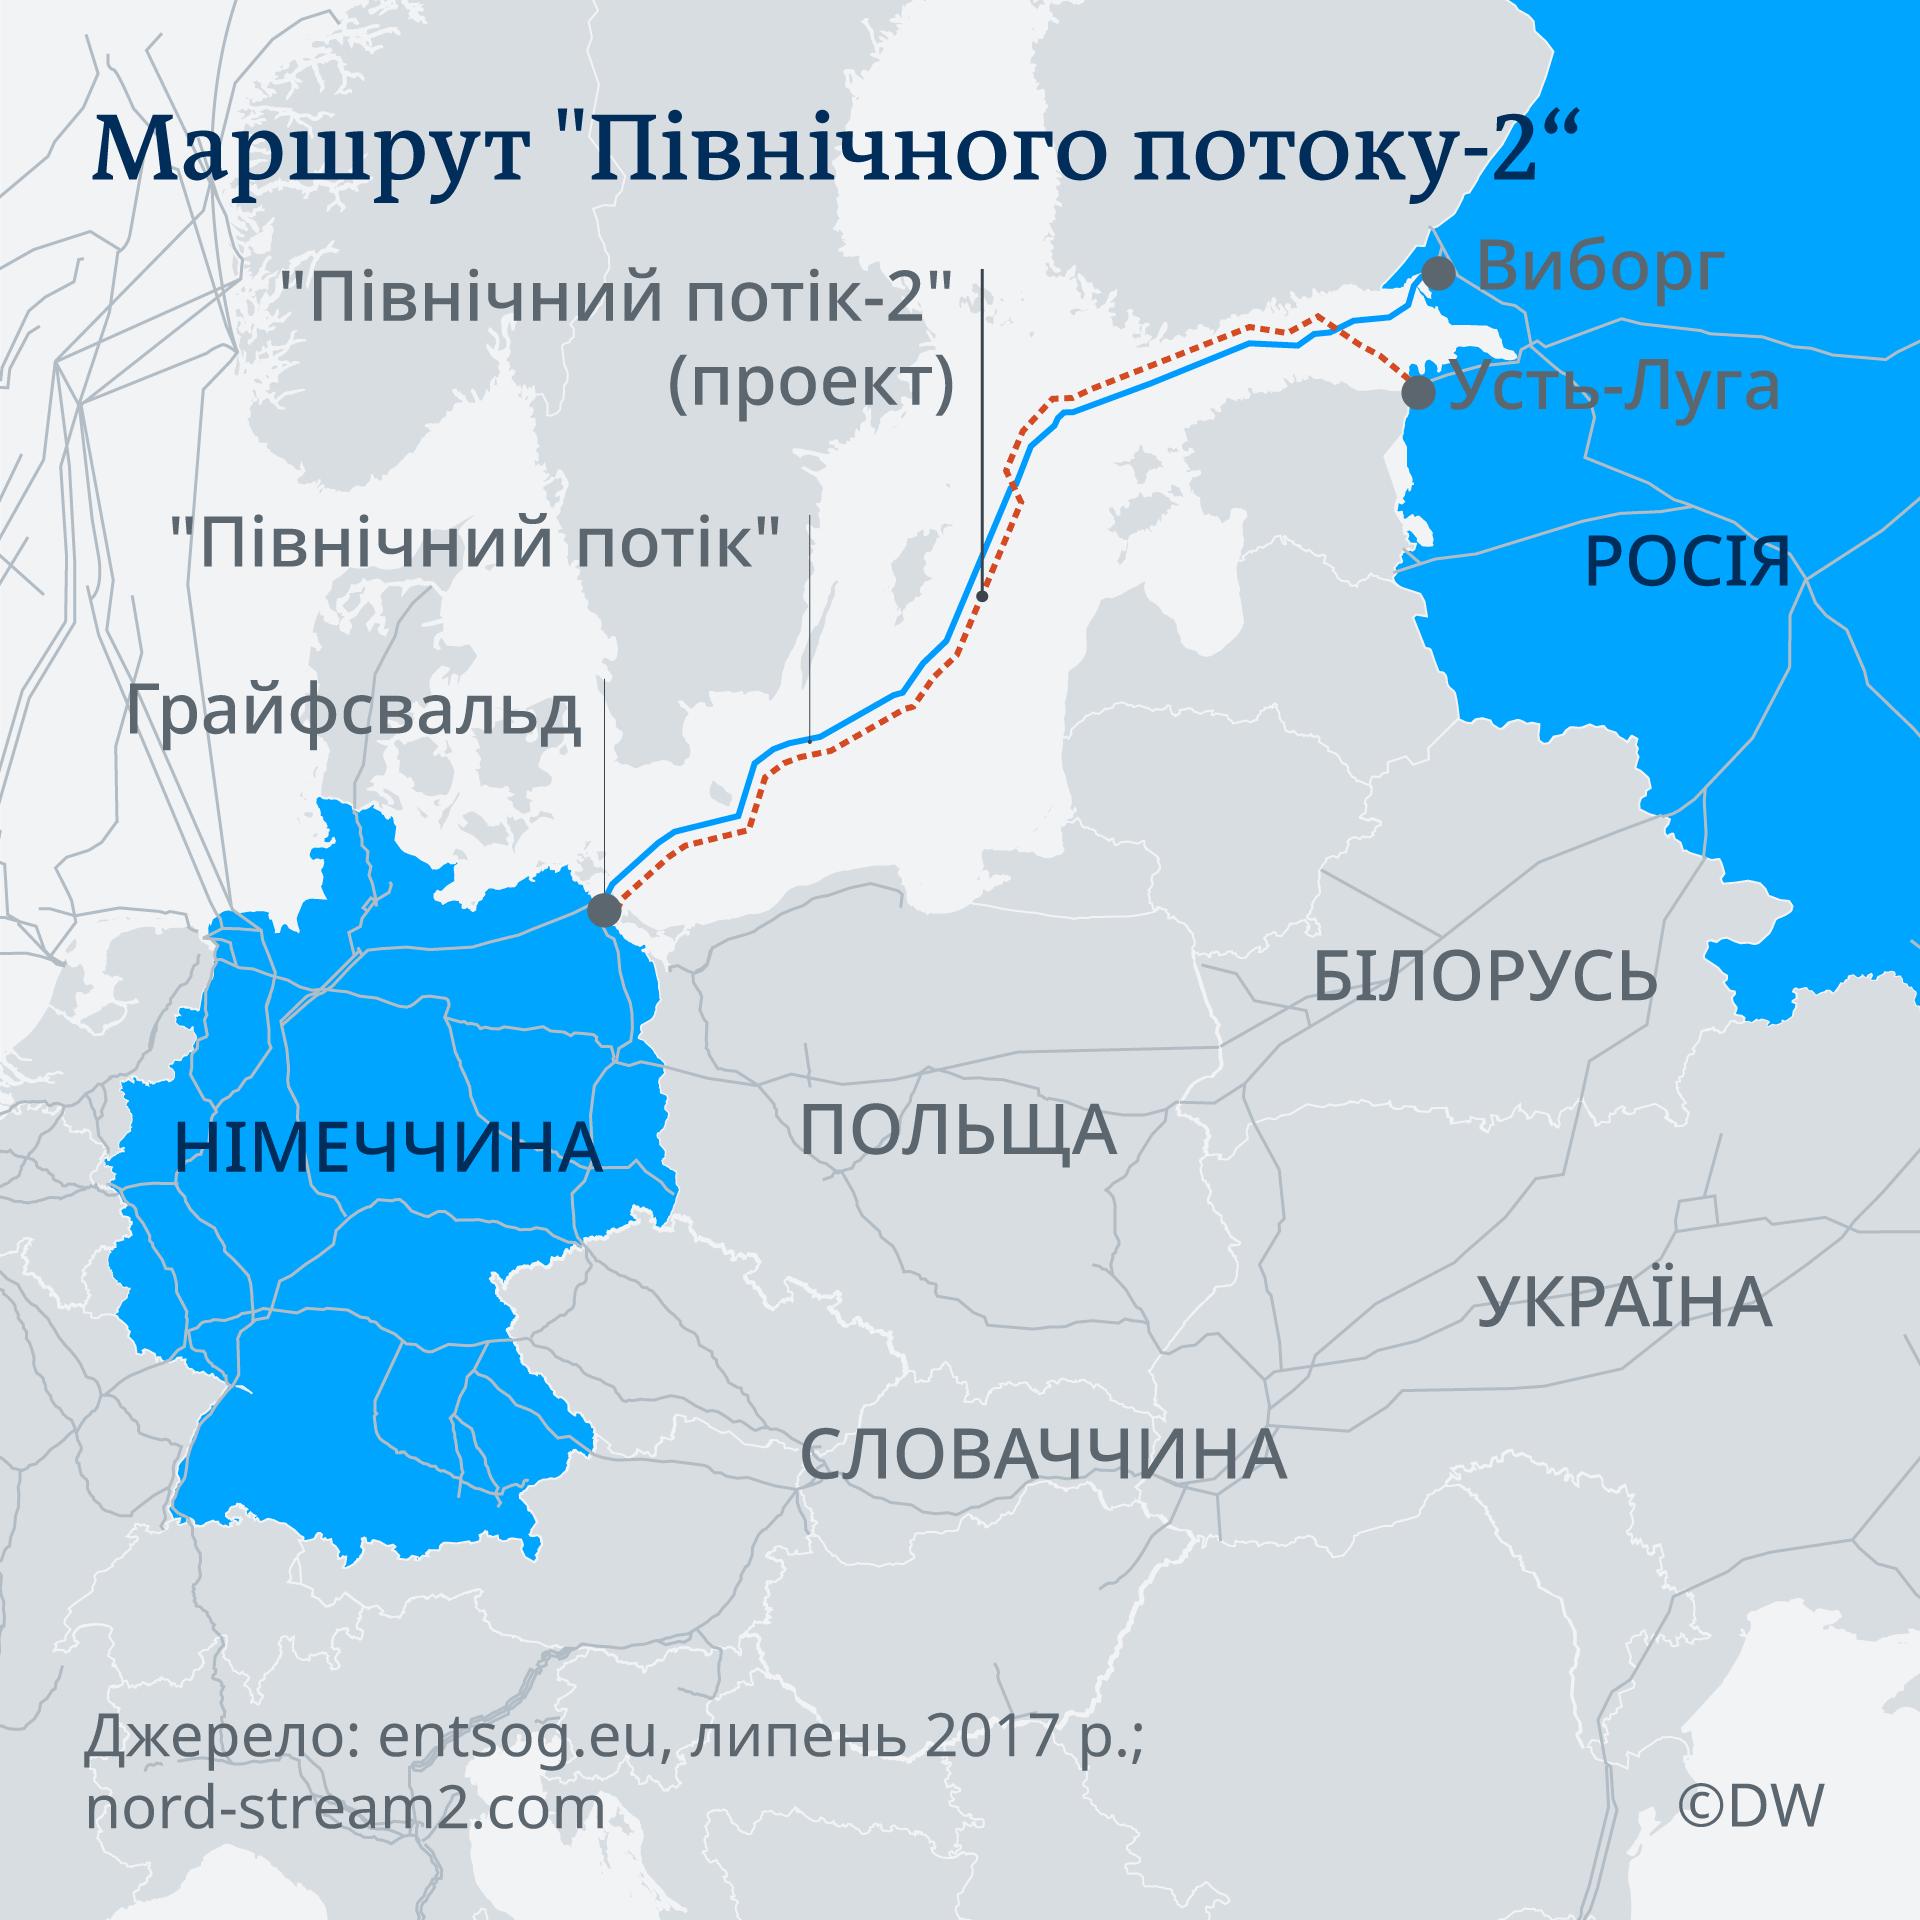 Карта з маршрутом пролягання газопроводу Північний потік-2